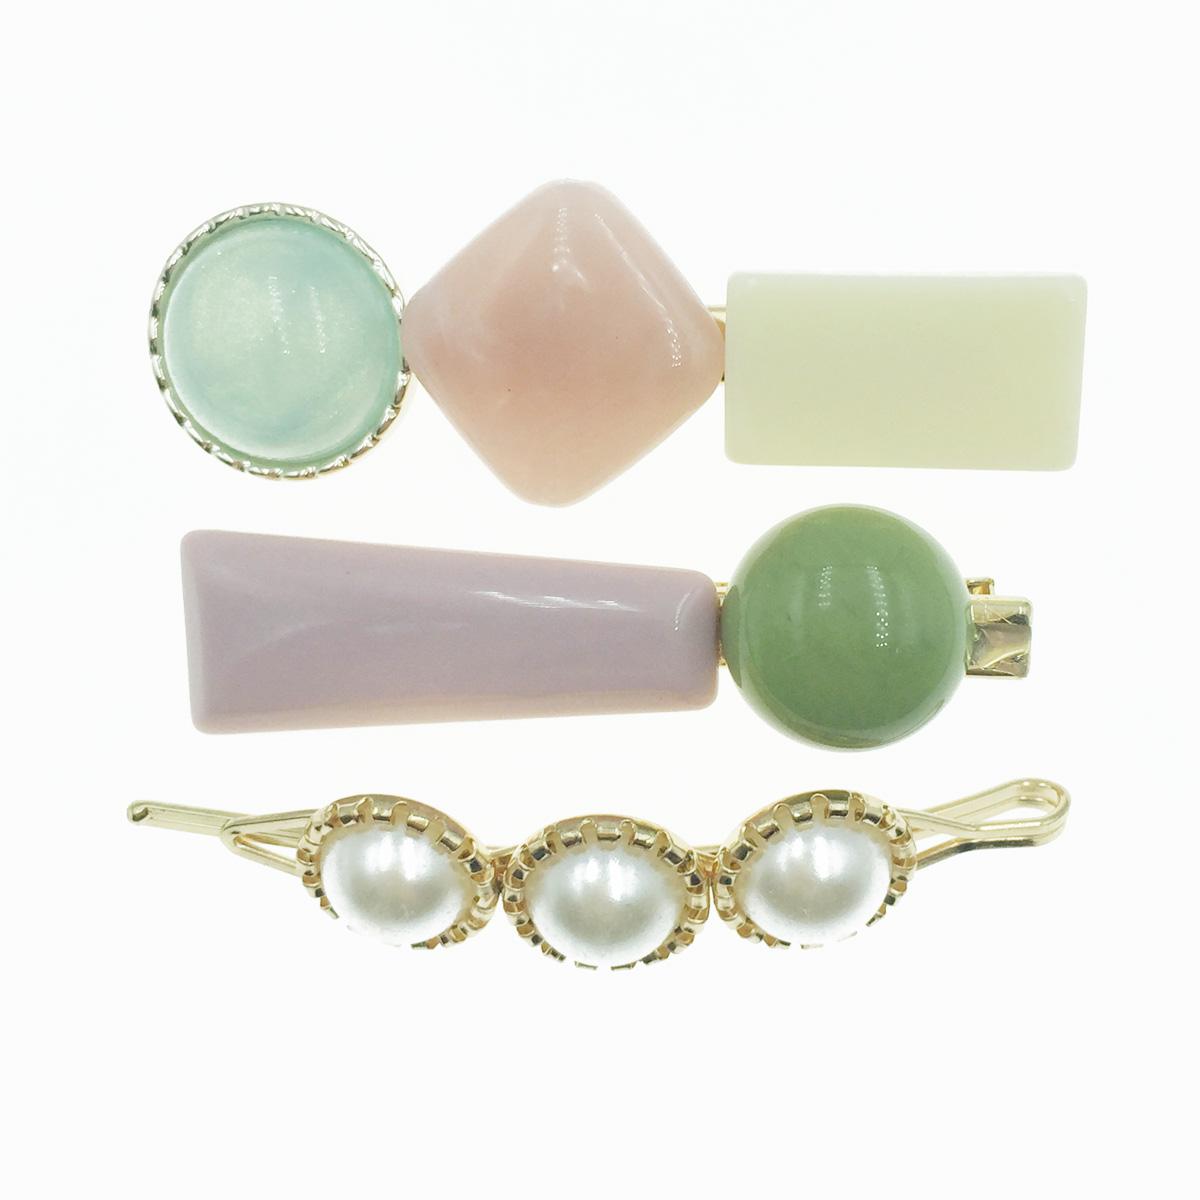 韓國 寶石 珍珠 3入組 髮飾 髮夾 線夾 壓夾